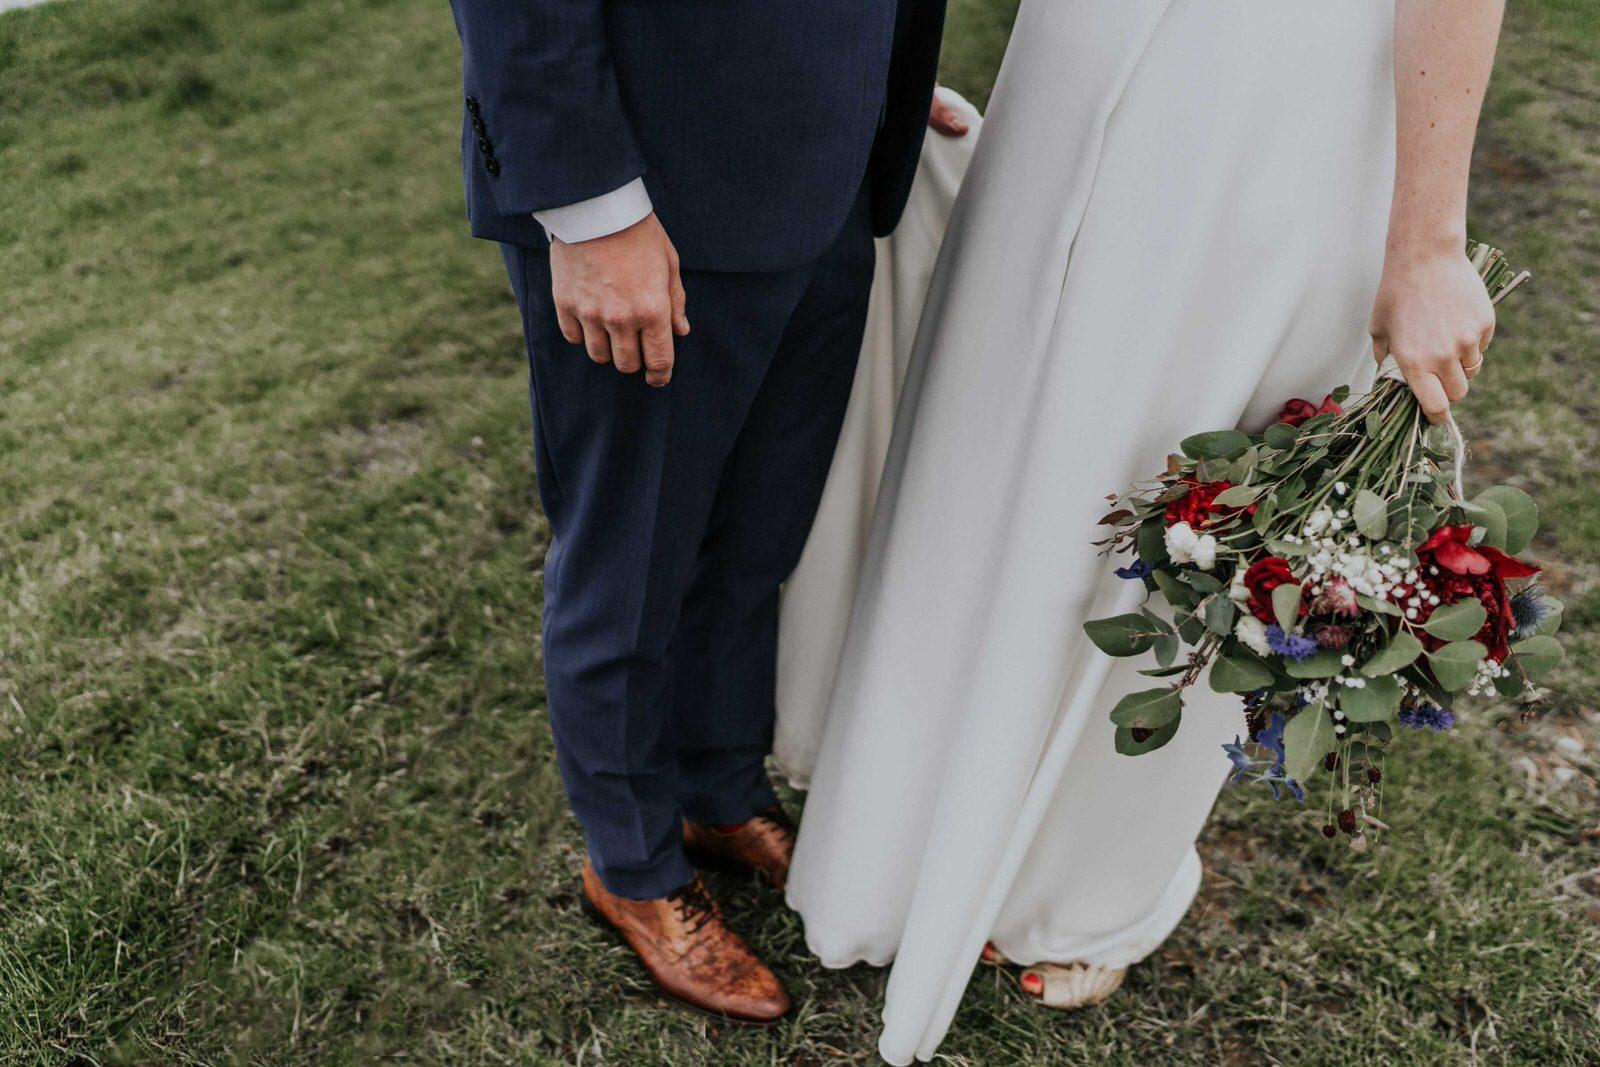 FOREVER-FANNY-MYARD-MARIAGE-PHOTOGRAPHE-303-1-scaled-1